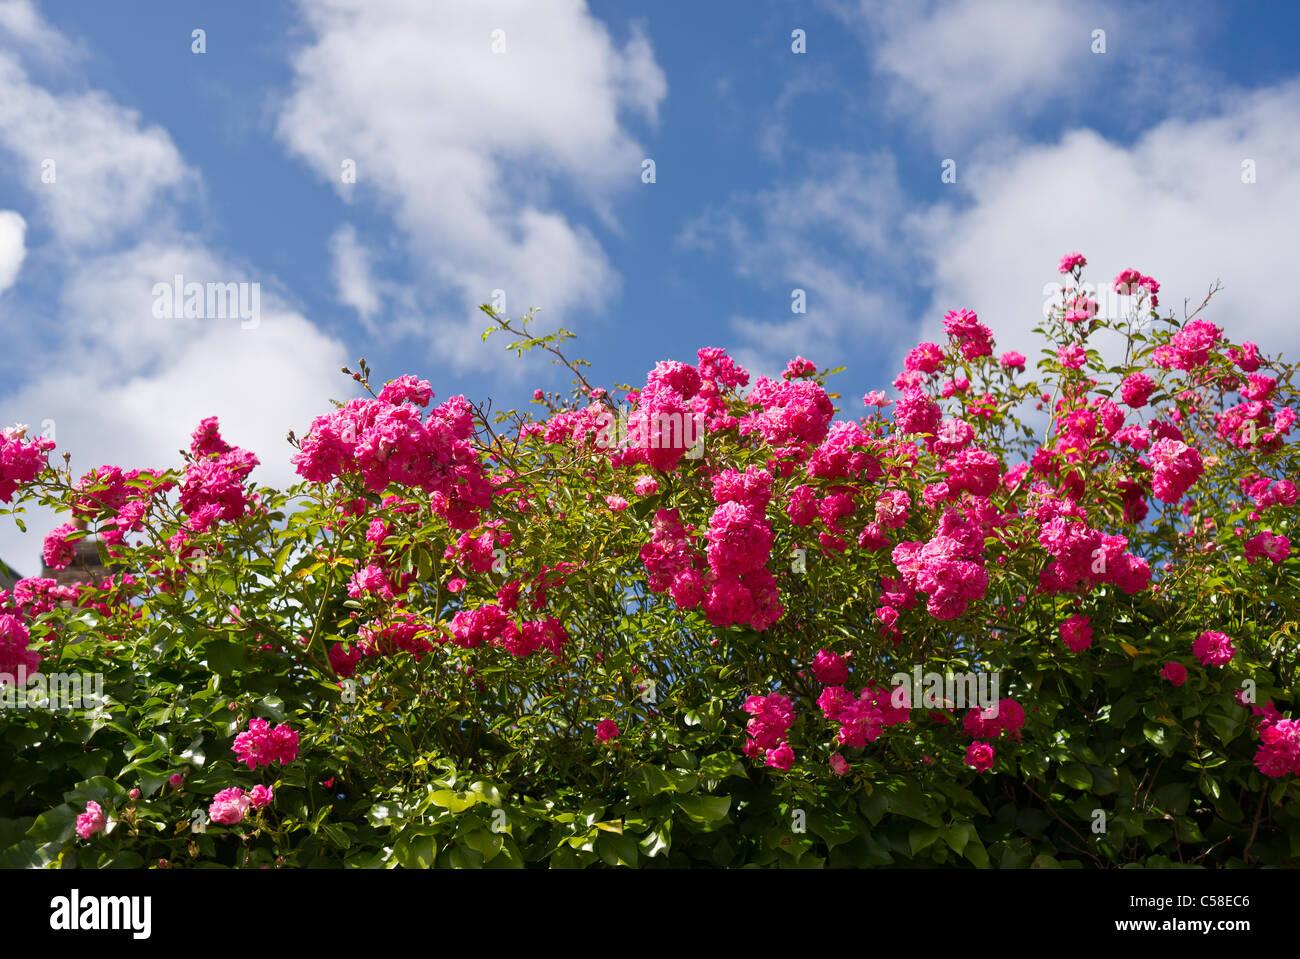 Mass of pink rambler roses flowering in June - Stock Image